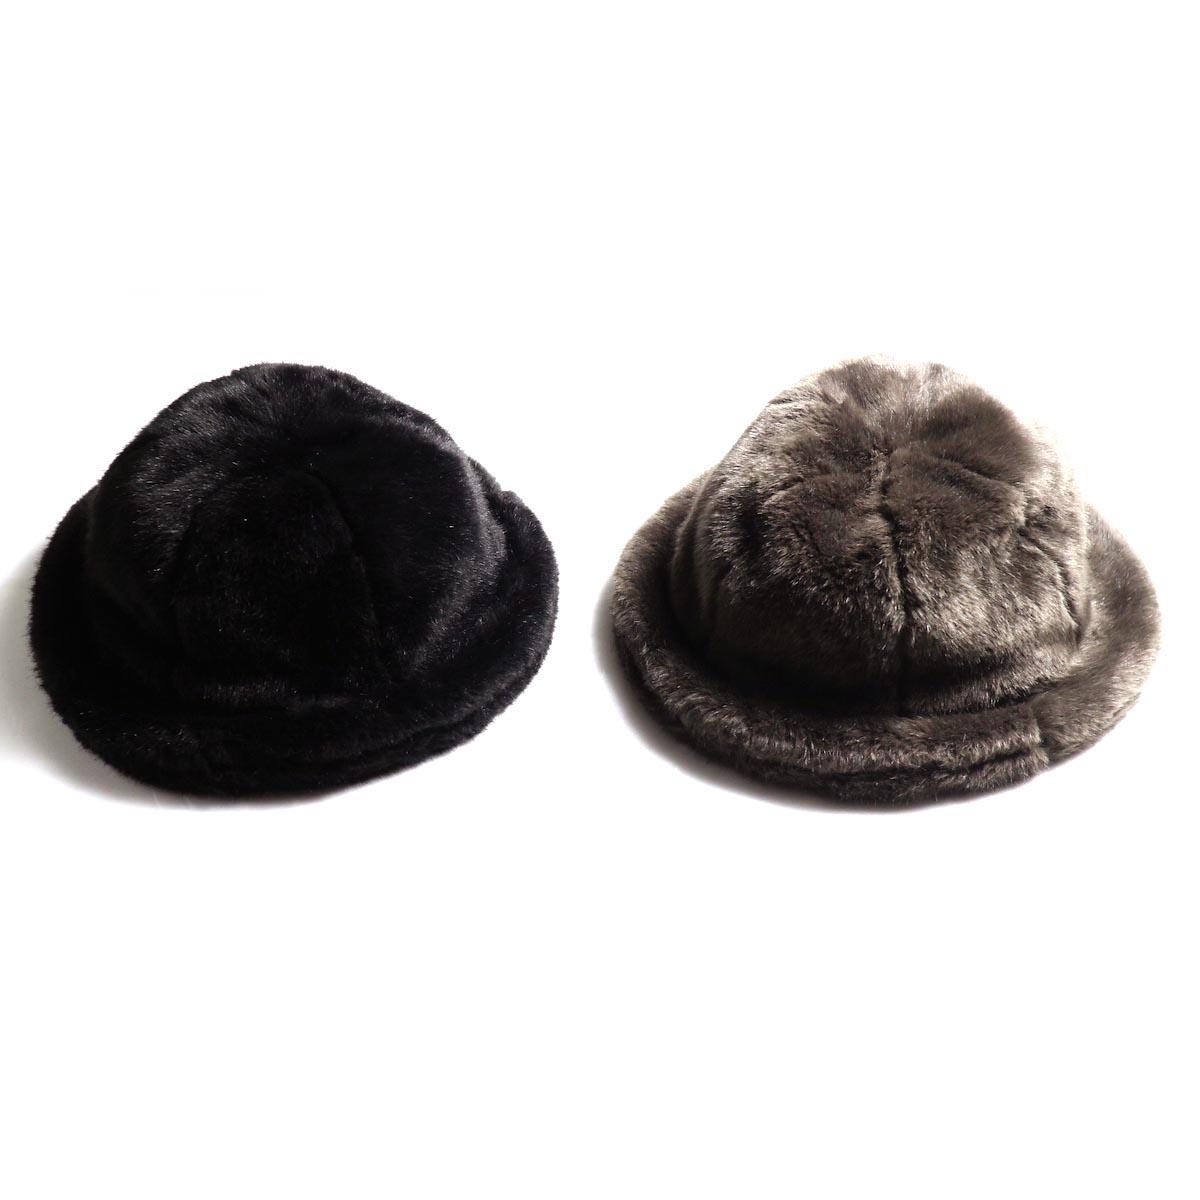 KIJIMA TAKAYUKI / Fake Fur 6 Panel Hat (No.182926)2色